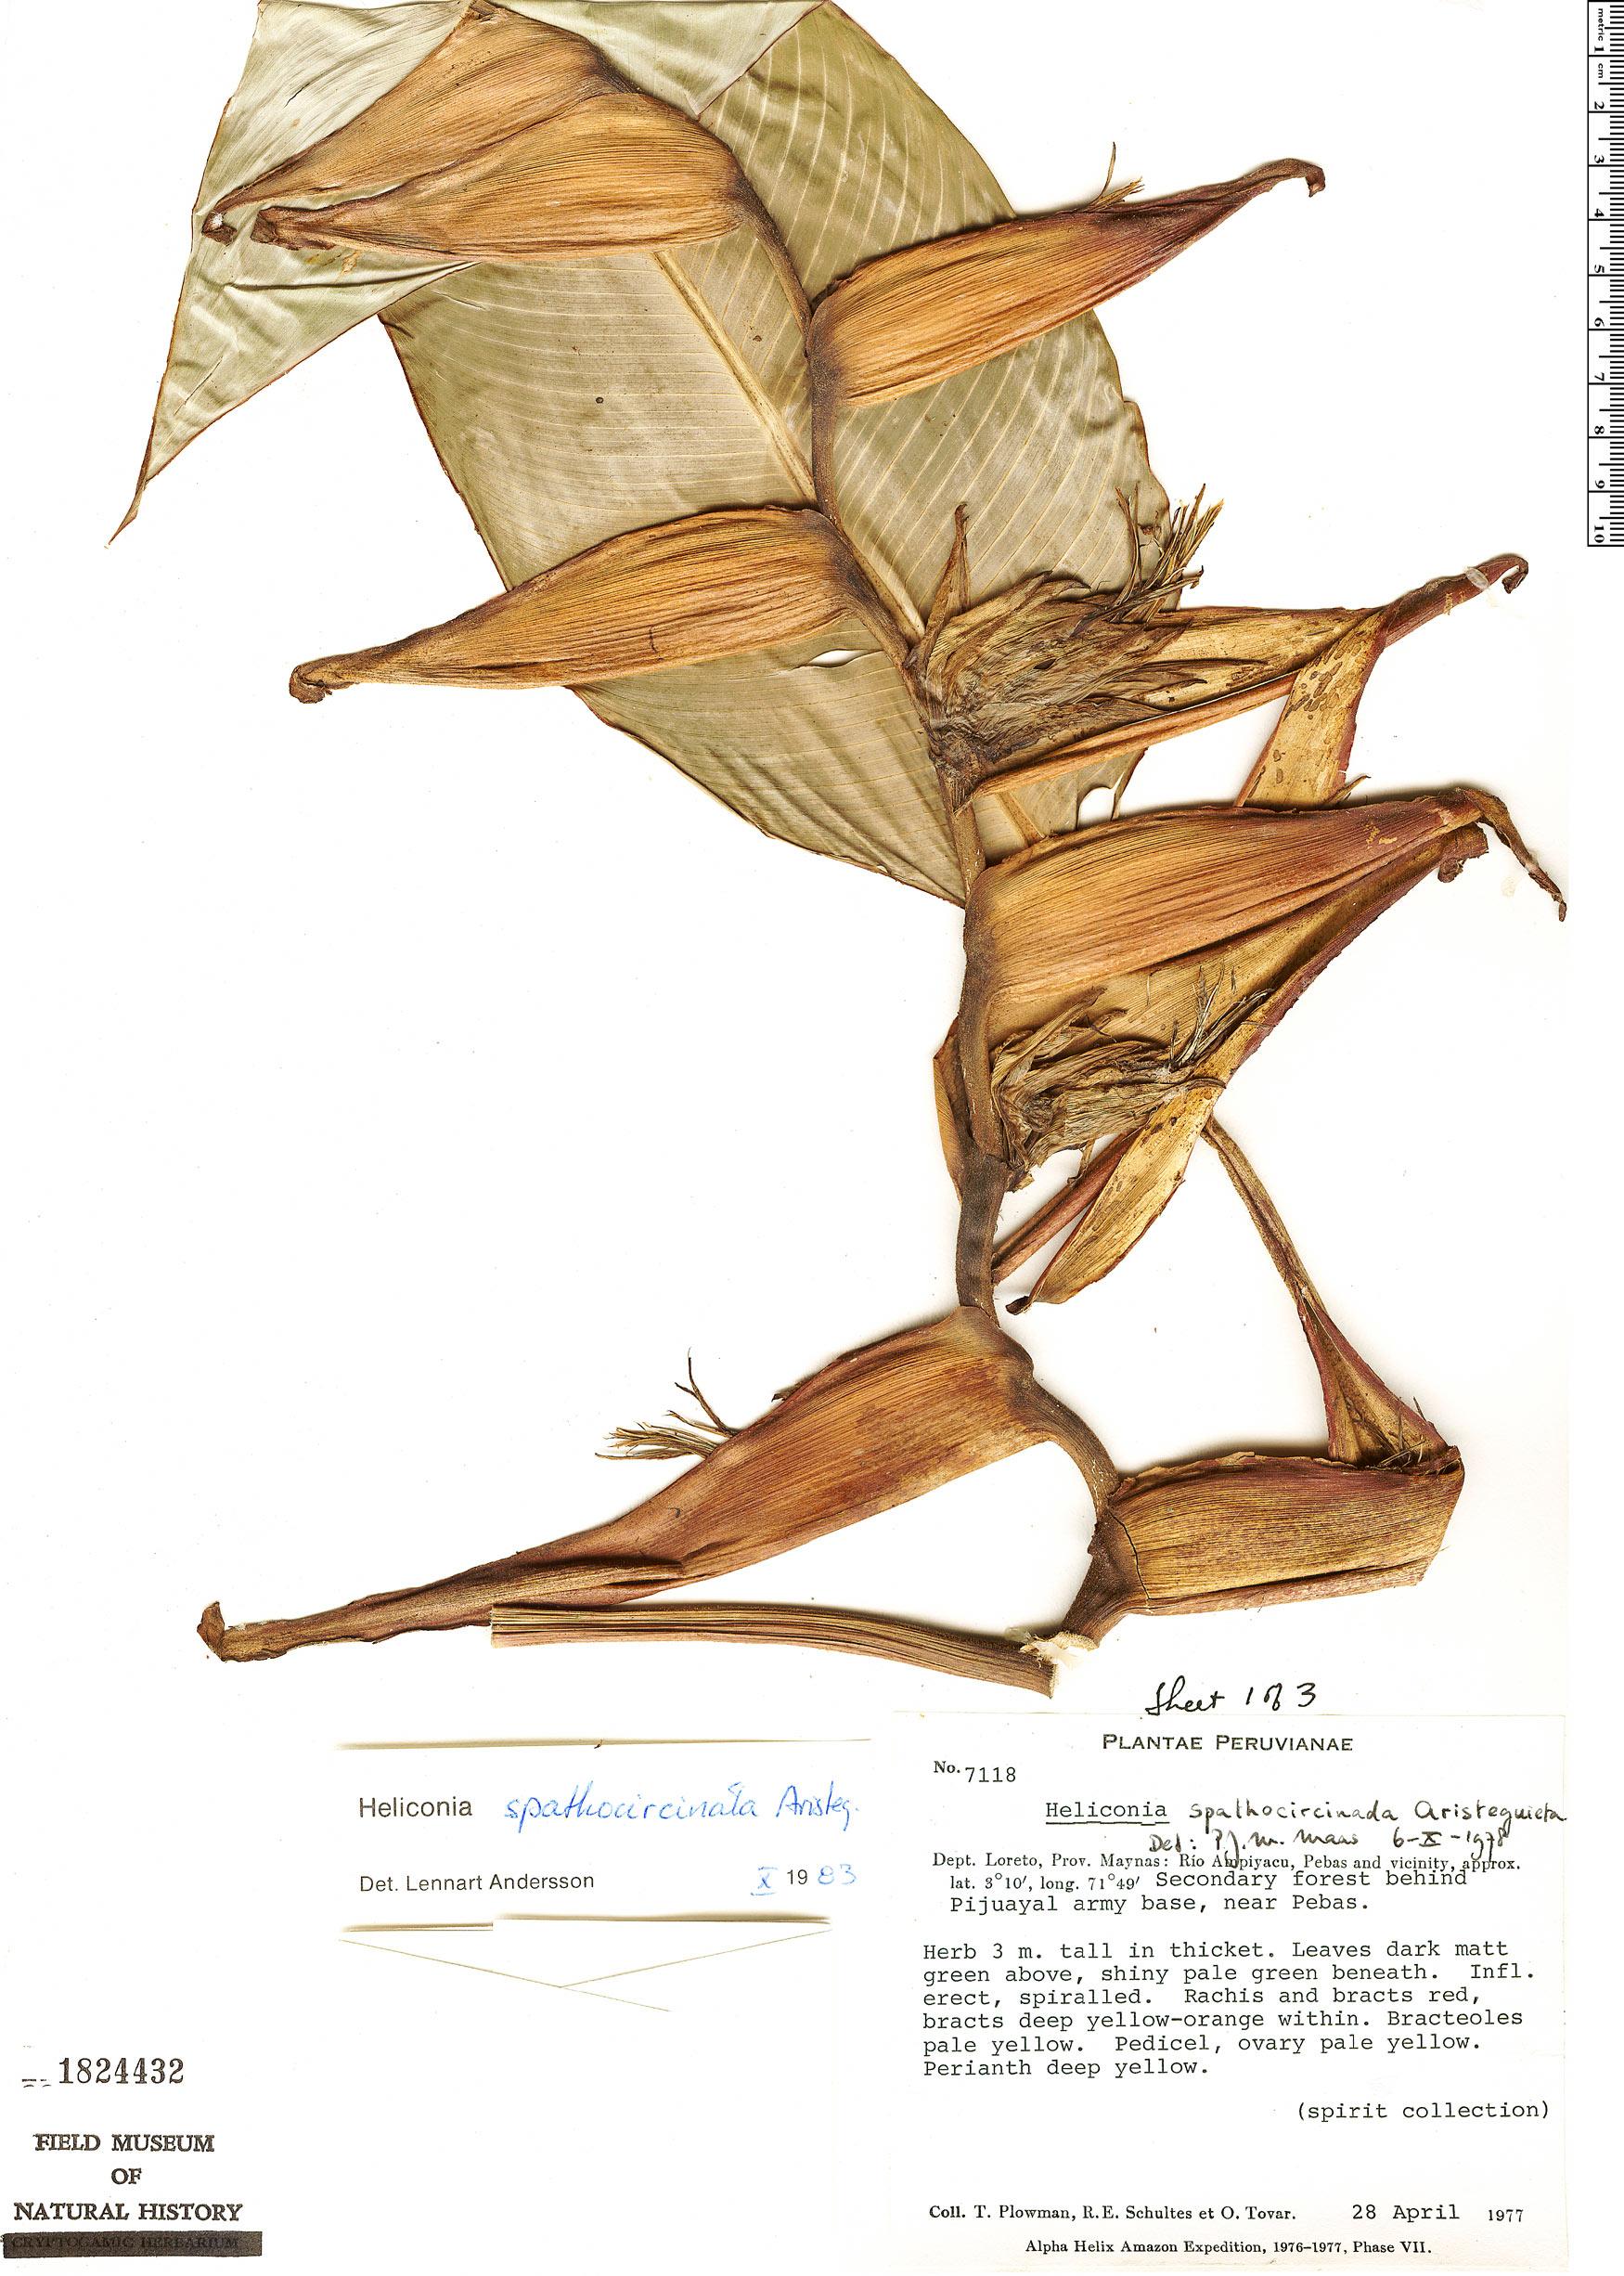 Specimen: Heliconia spathocircinata